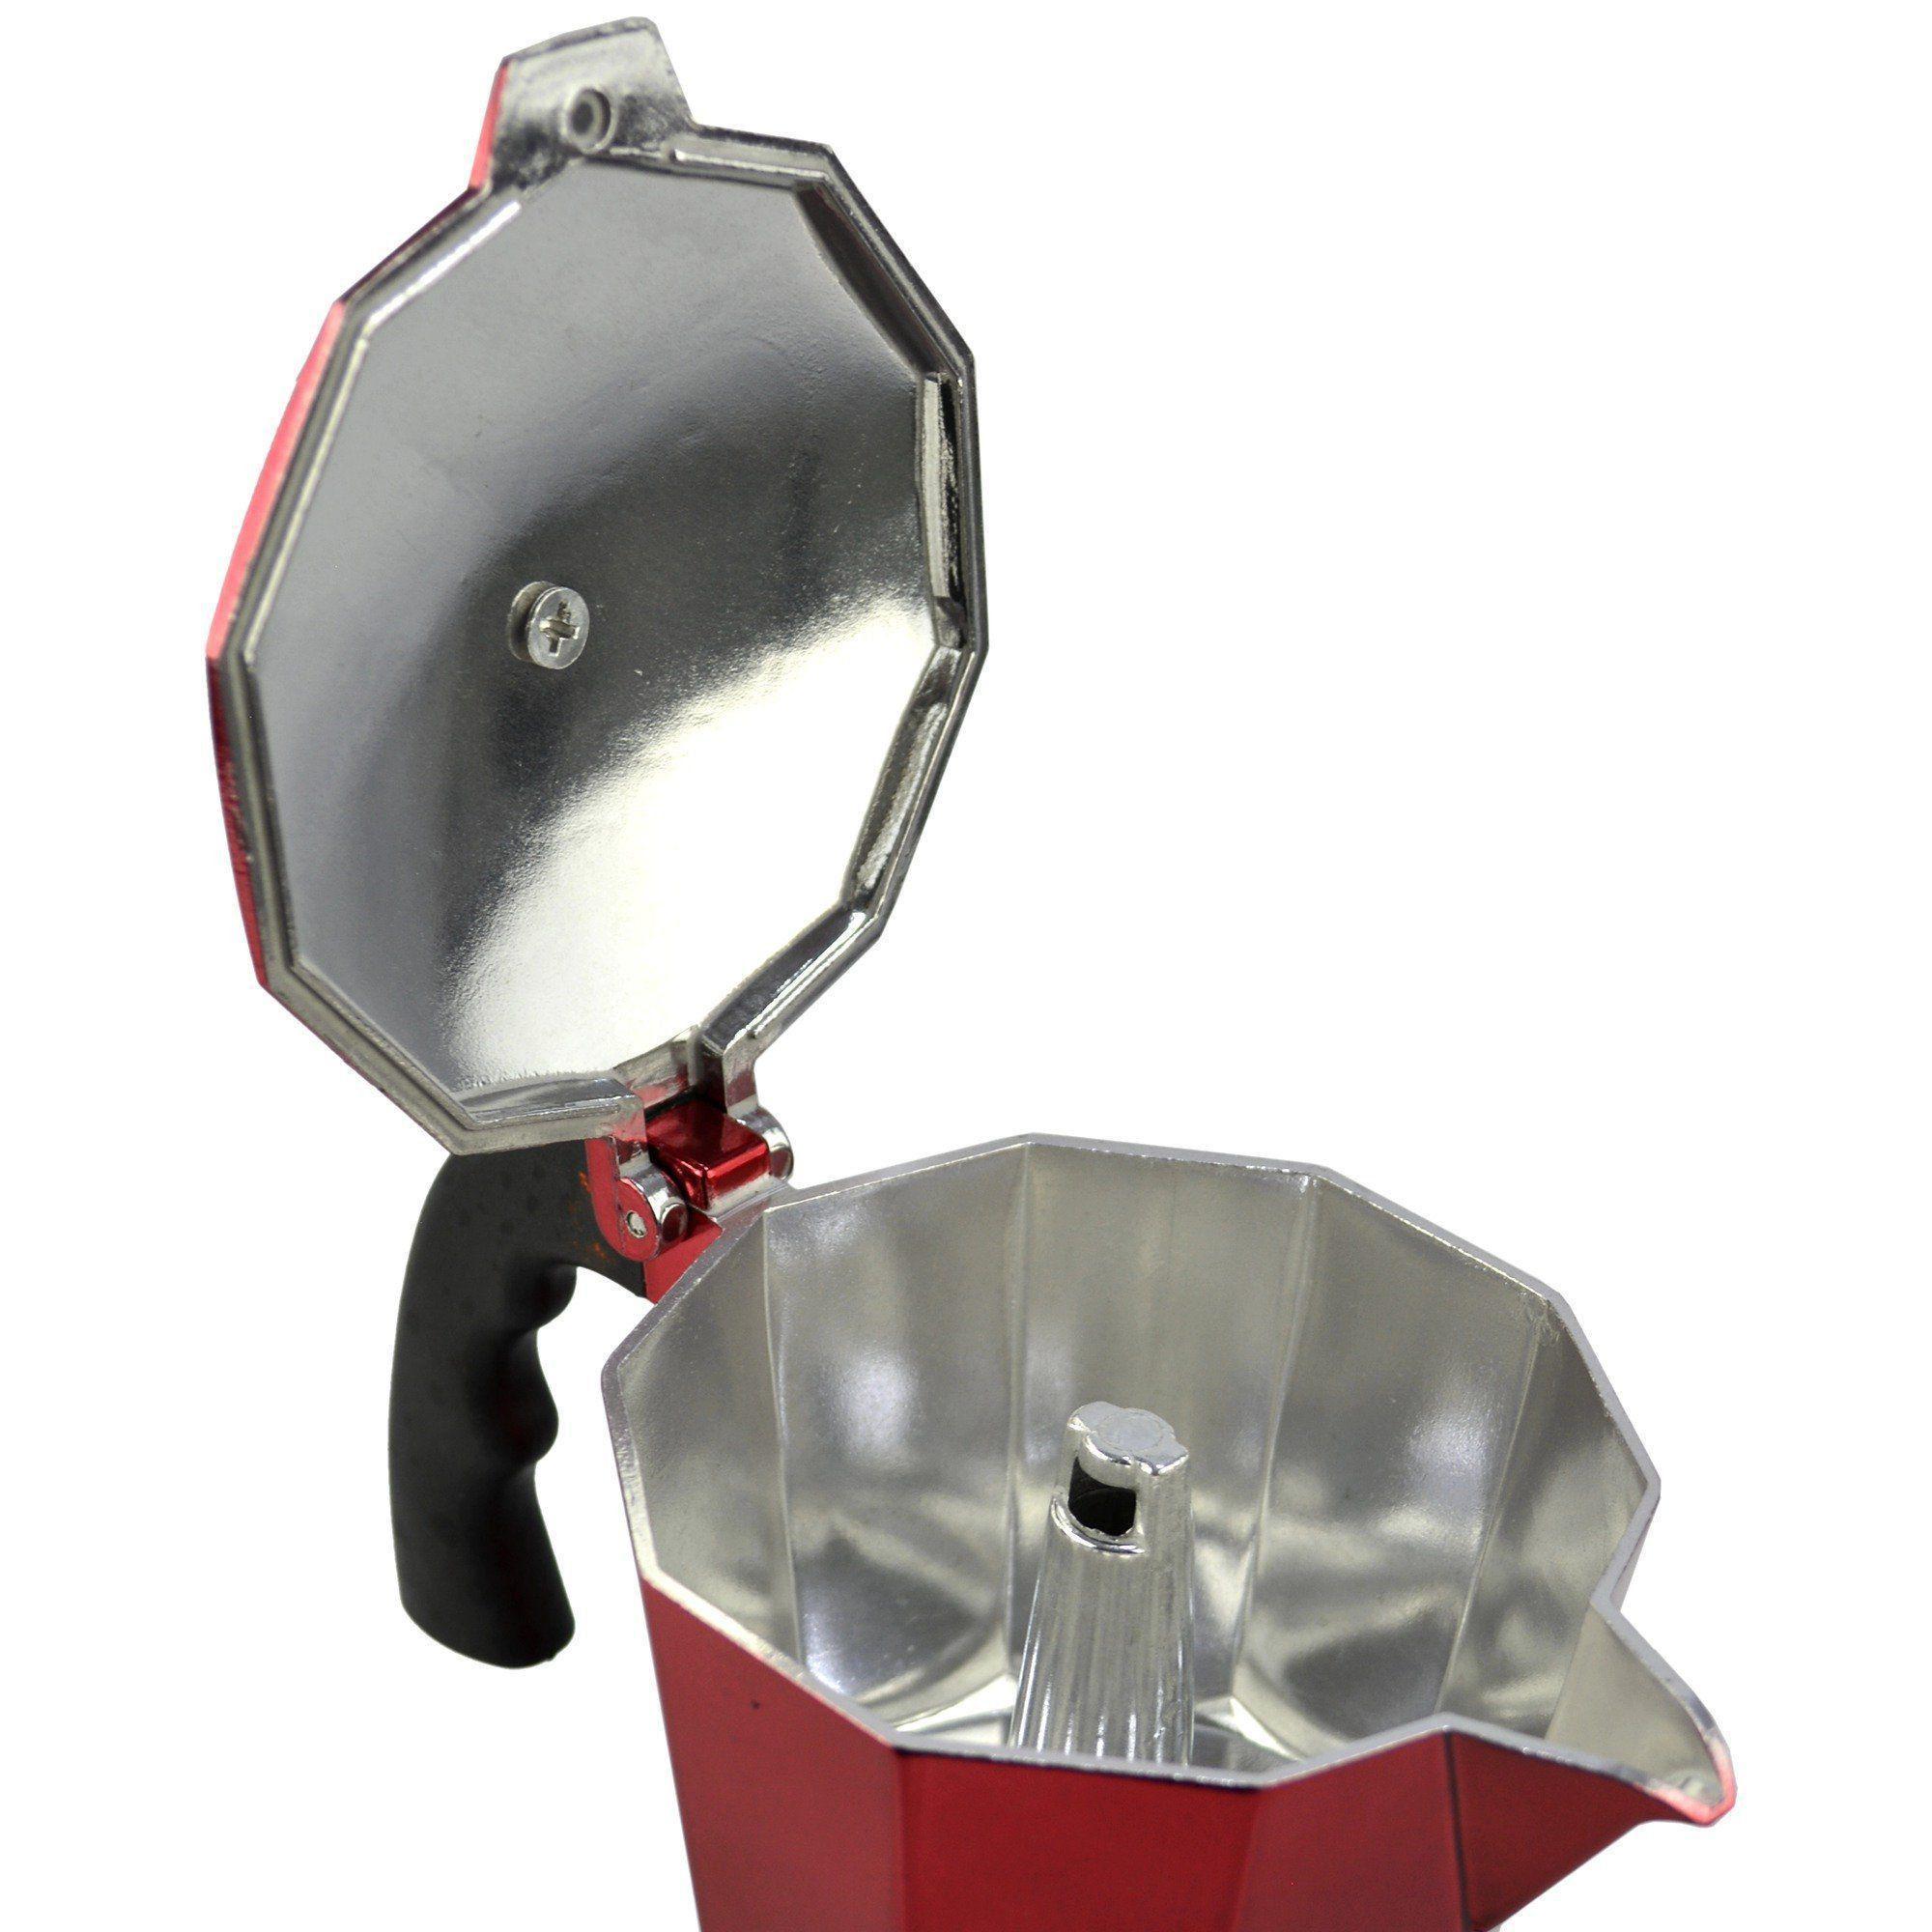 Cafeteira Italiana de Alumínio 6 Xícaras Vermelho CBRN08964